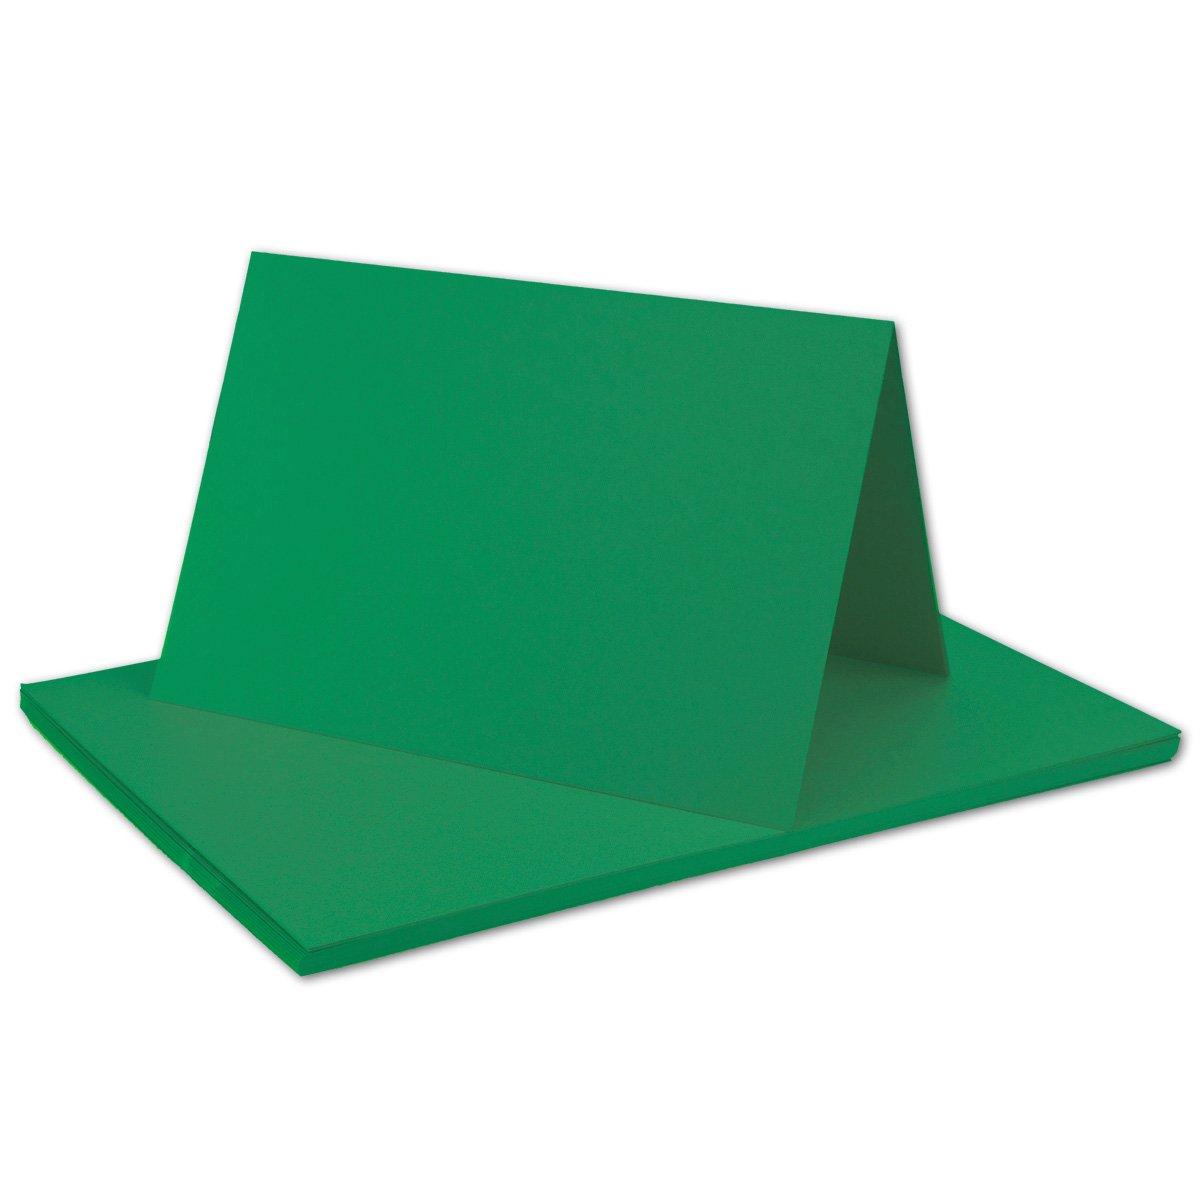 250x Falt-Karten DIN A6 Blanko Doppel-Karten in Hochweiß Kristallweiß -10,5 x 14,8 cm   Premium Qualität   FarbenFroh® B079VVFD3X | Qualität und Verbraucher an erster Stelle